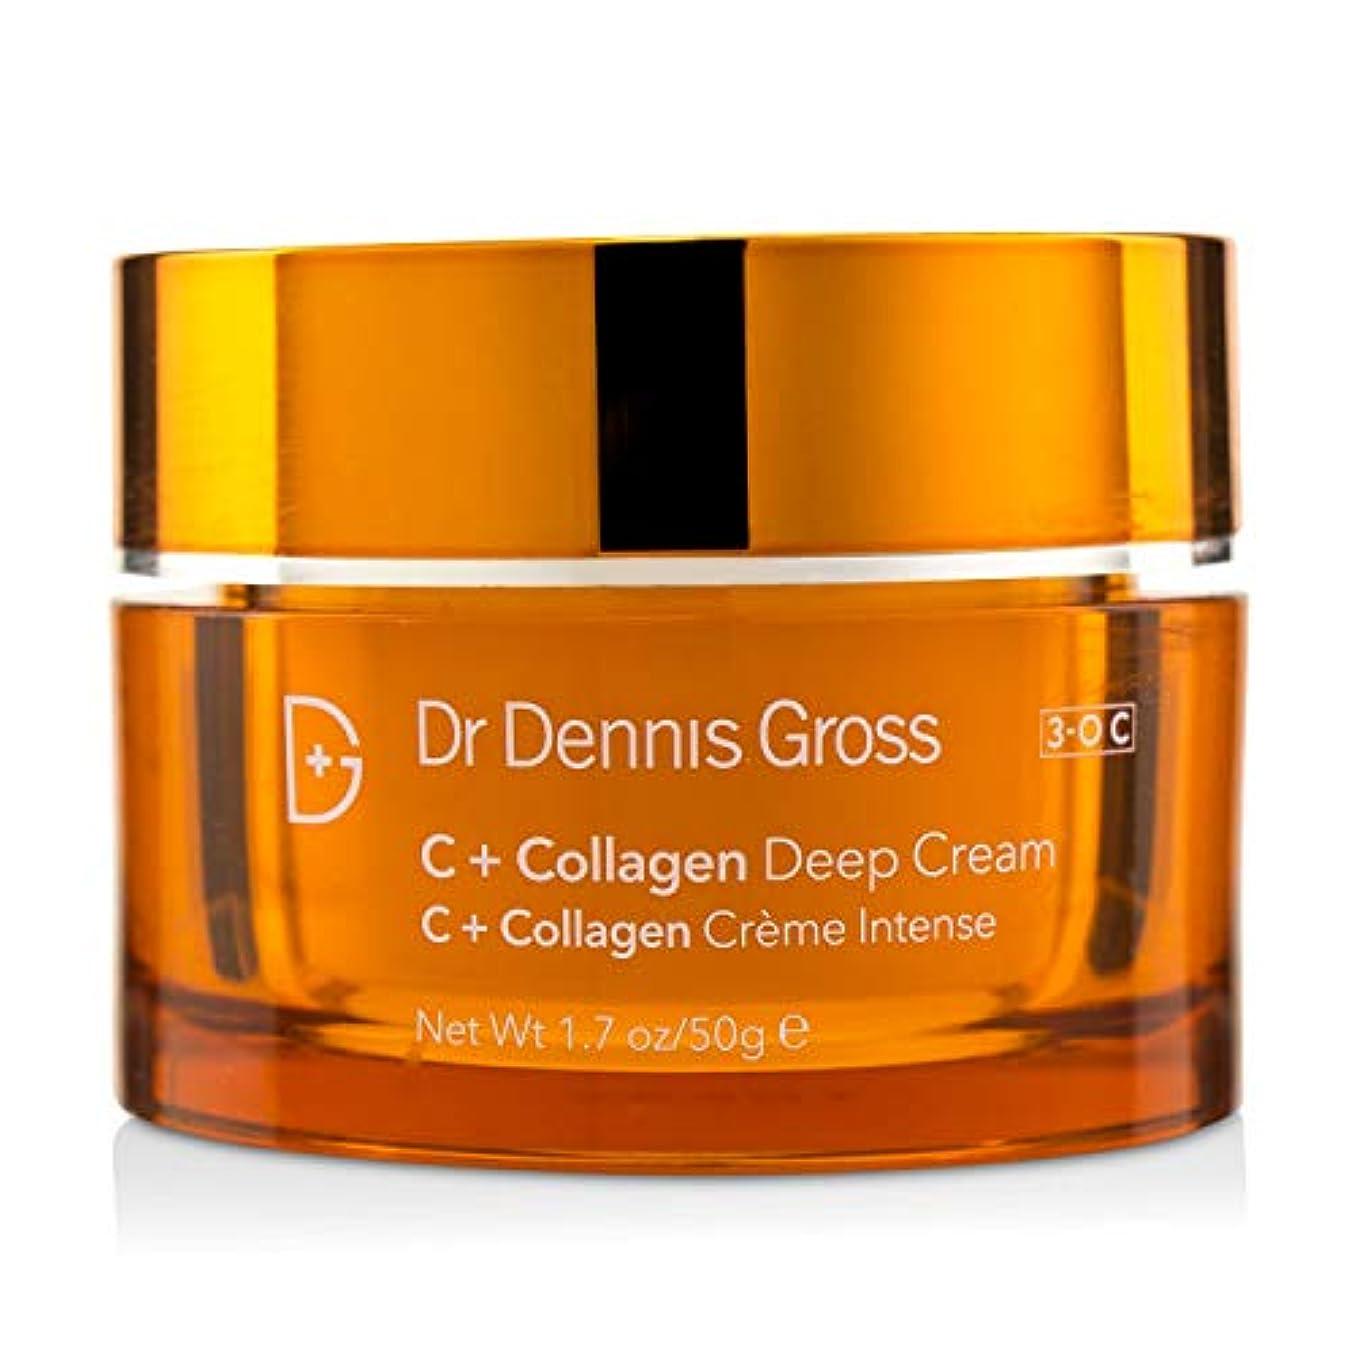 熱意パートナー防腐剤ドクターデニスグロス C + Collagen Deep Cream - Salon Product 50ml/1.7oz並行輸入品